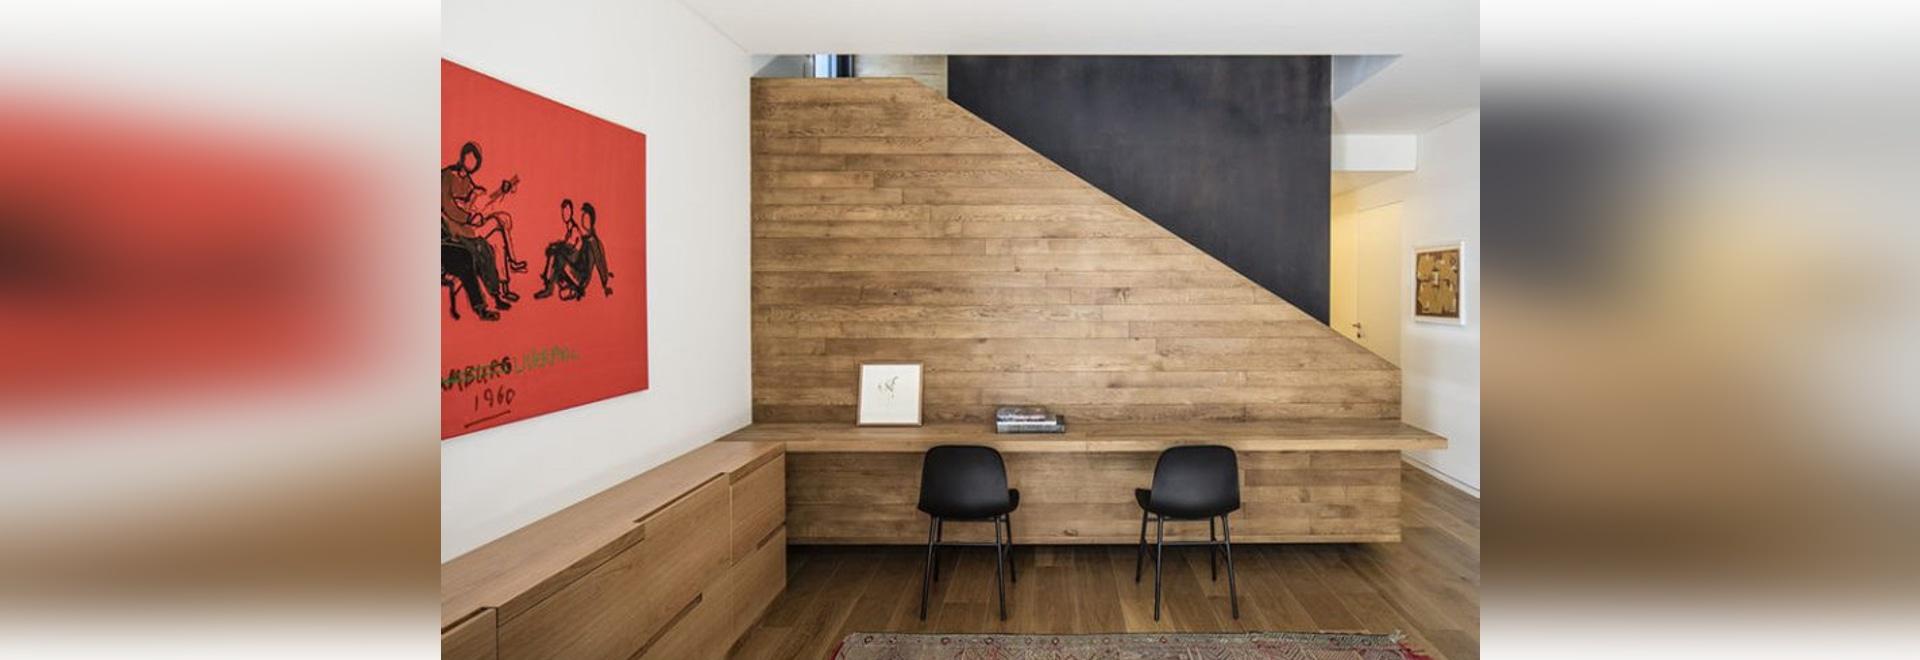 Des idées de conception intérieure – construisez un bureau sur un espace inutilisé de mur